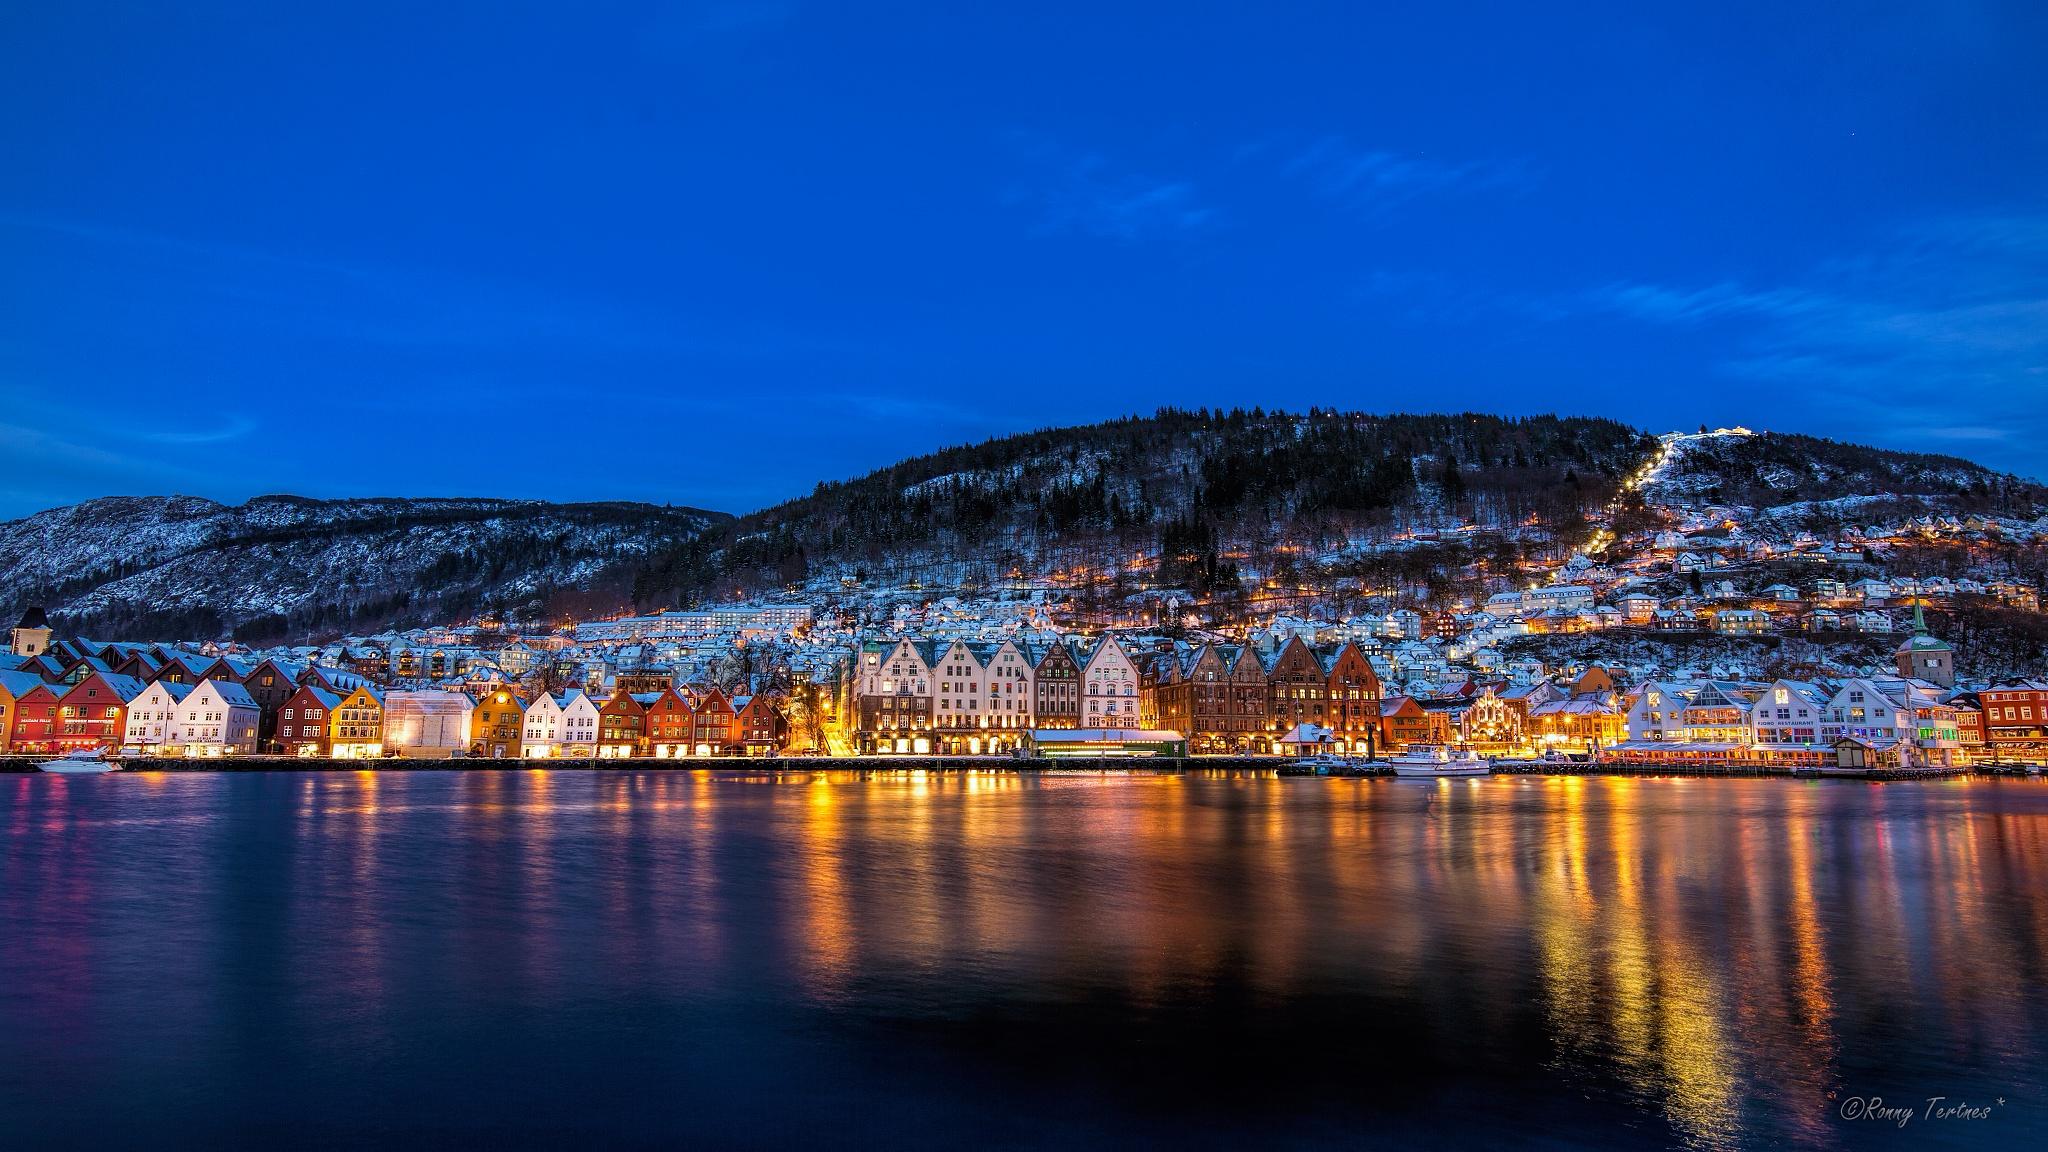 Bergen, Norway by Ronny Tertnes